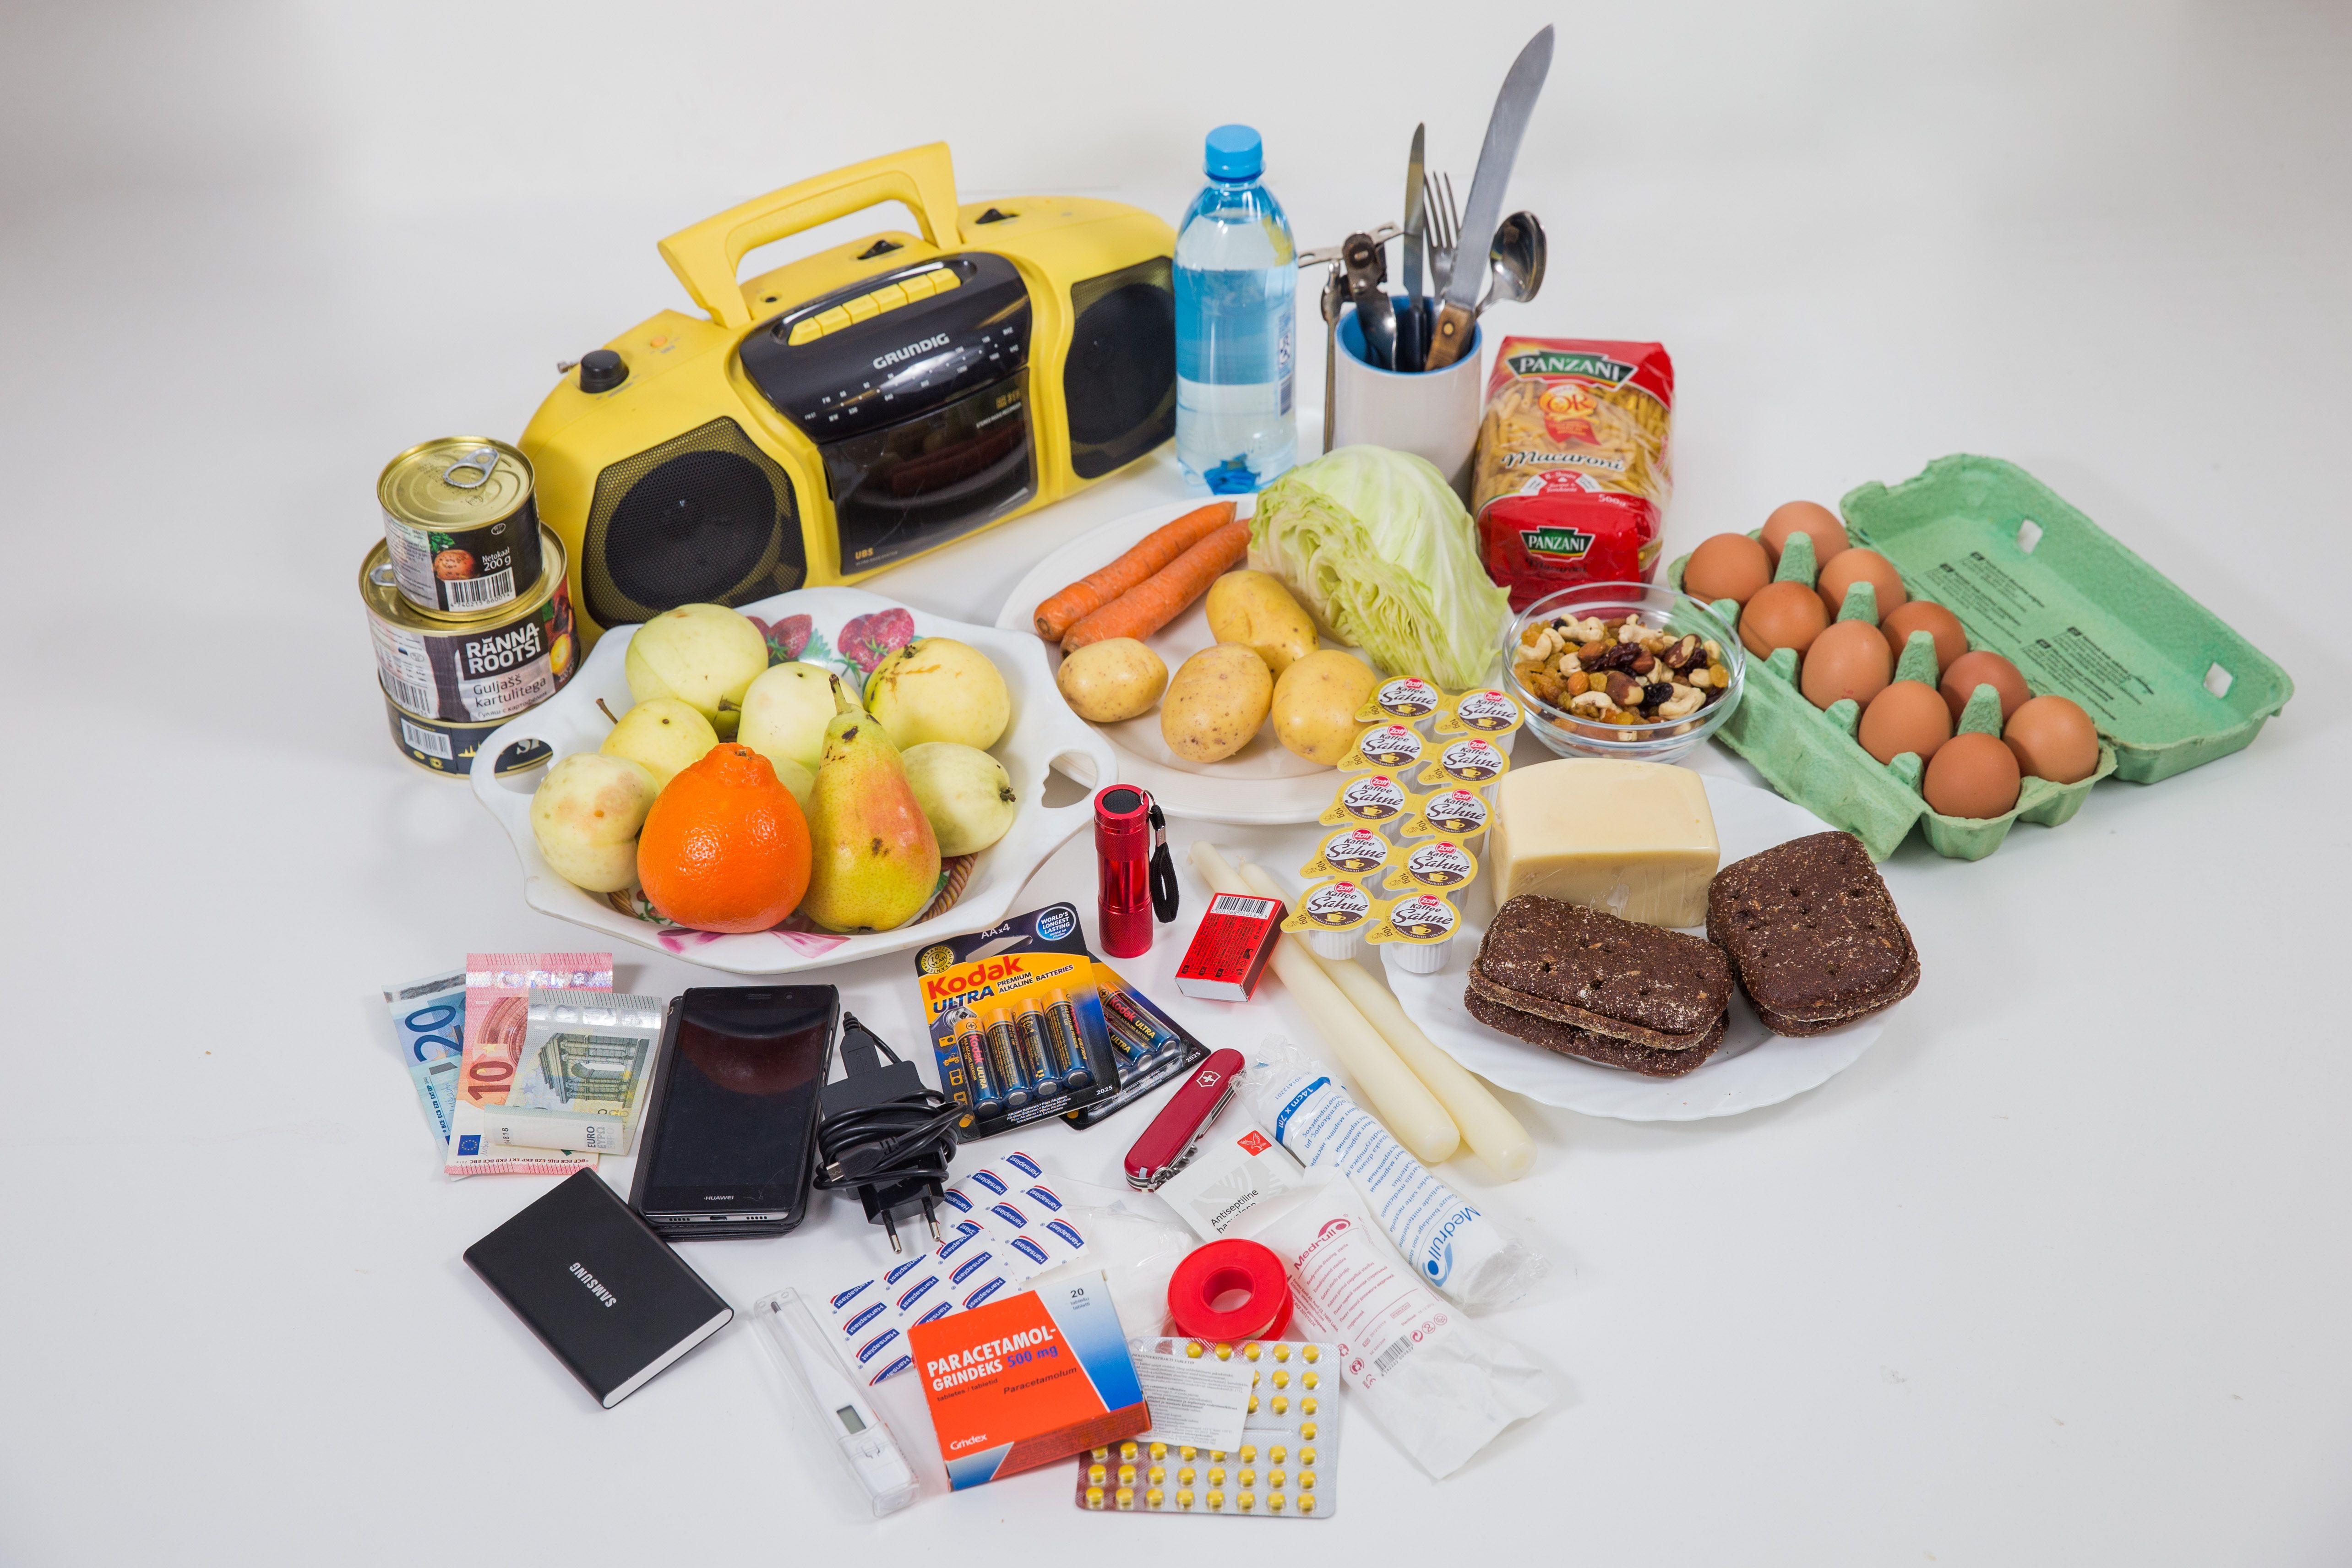 Image for ICDS проанализировал наличие и распределение в Эстонии запасов продовольствия и предметов первой необходимости